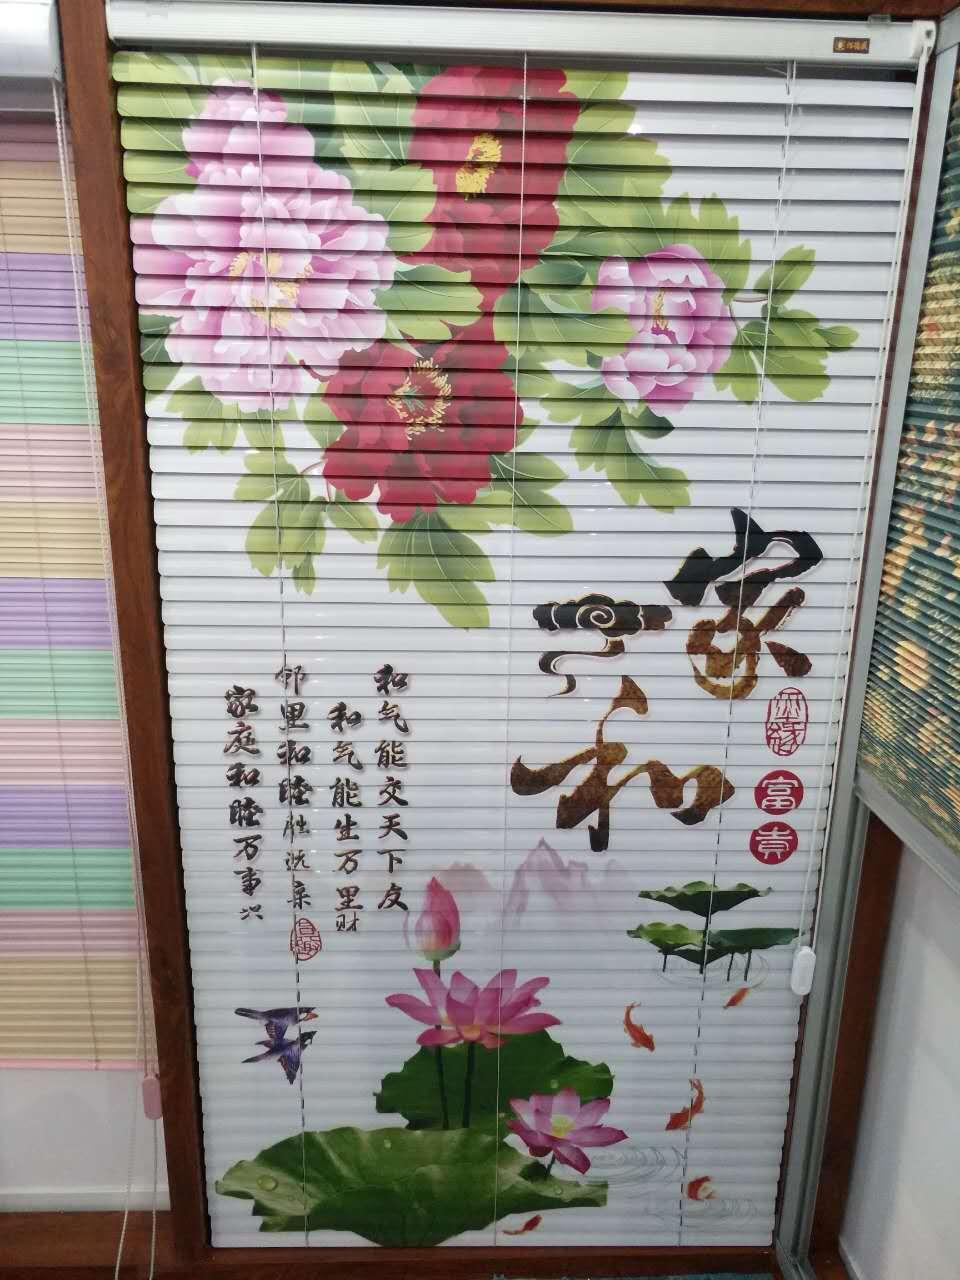 广州三帝窗饰有限公司